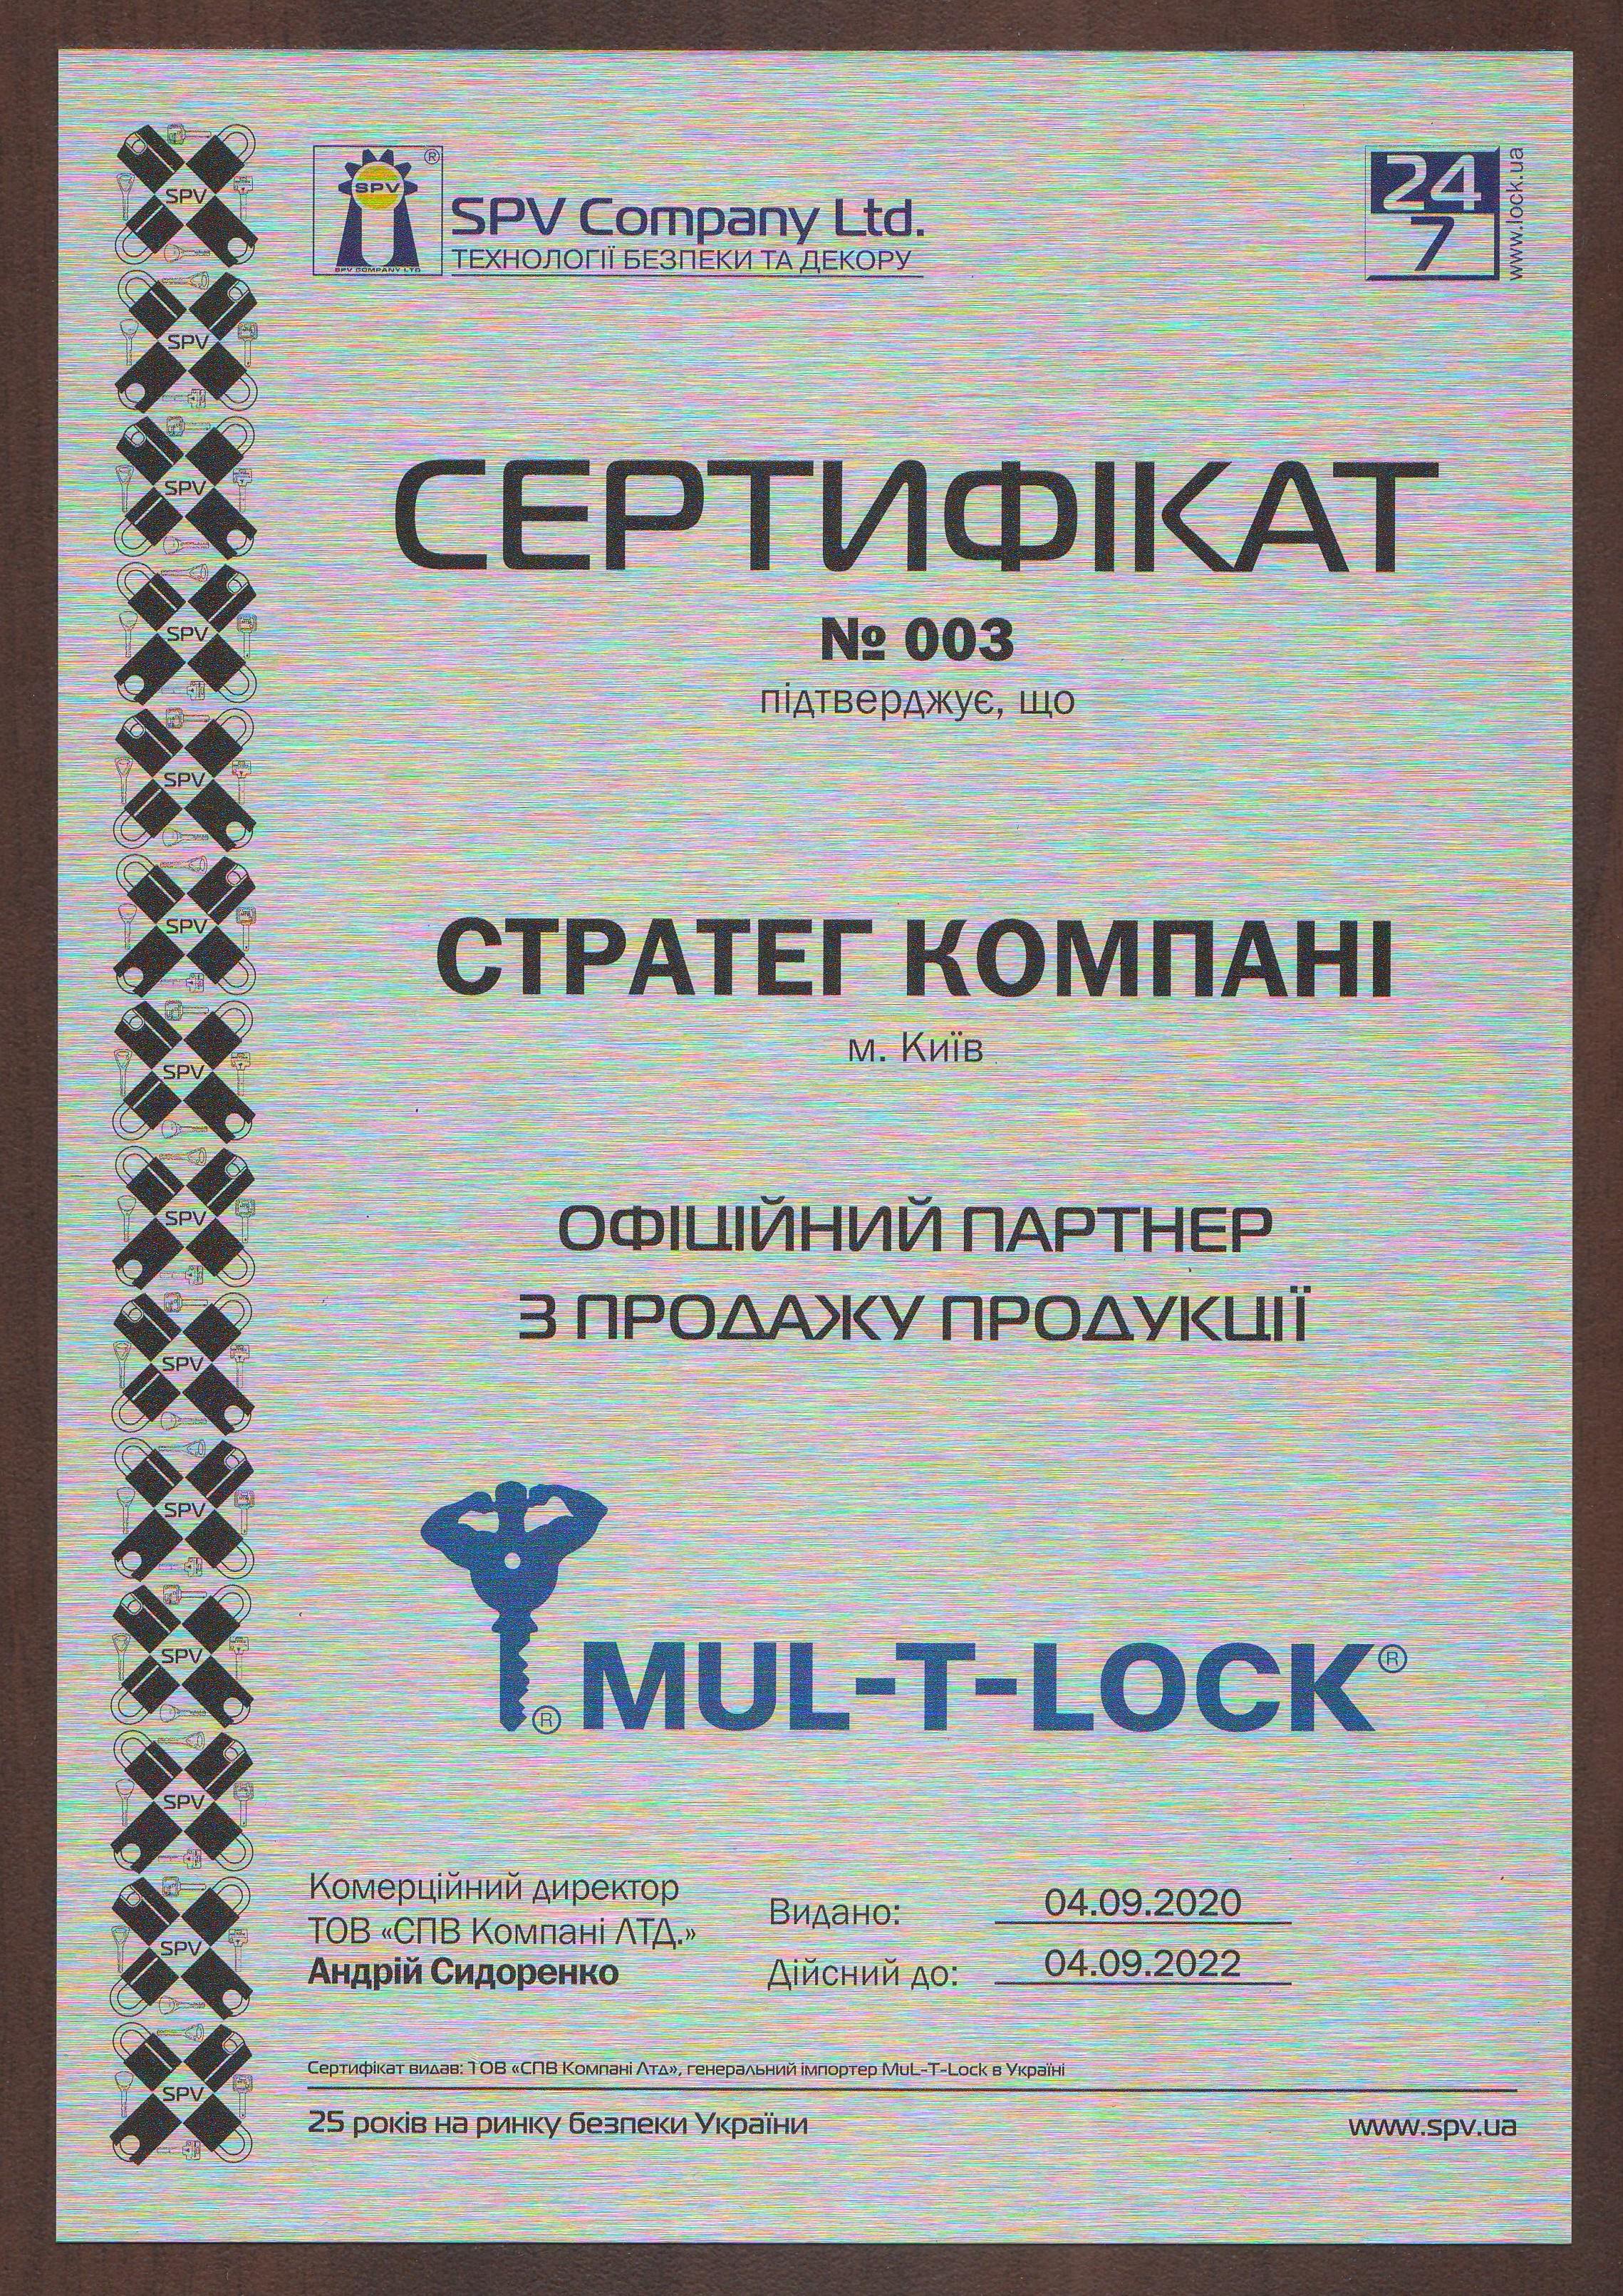 Cертификат MUL-T-LOCK партнер